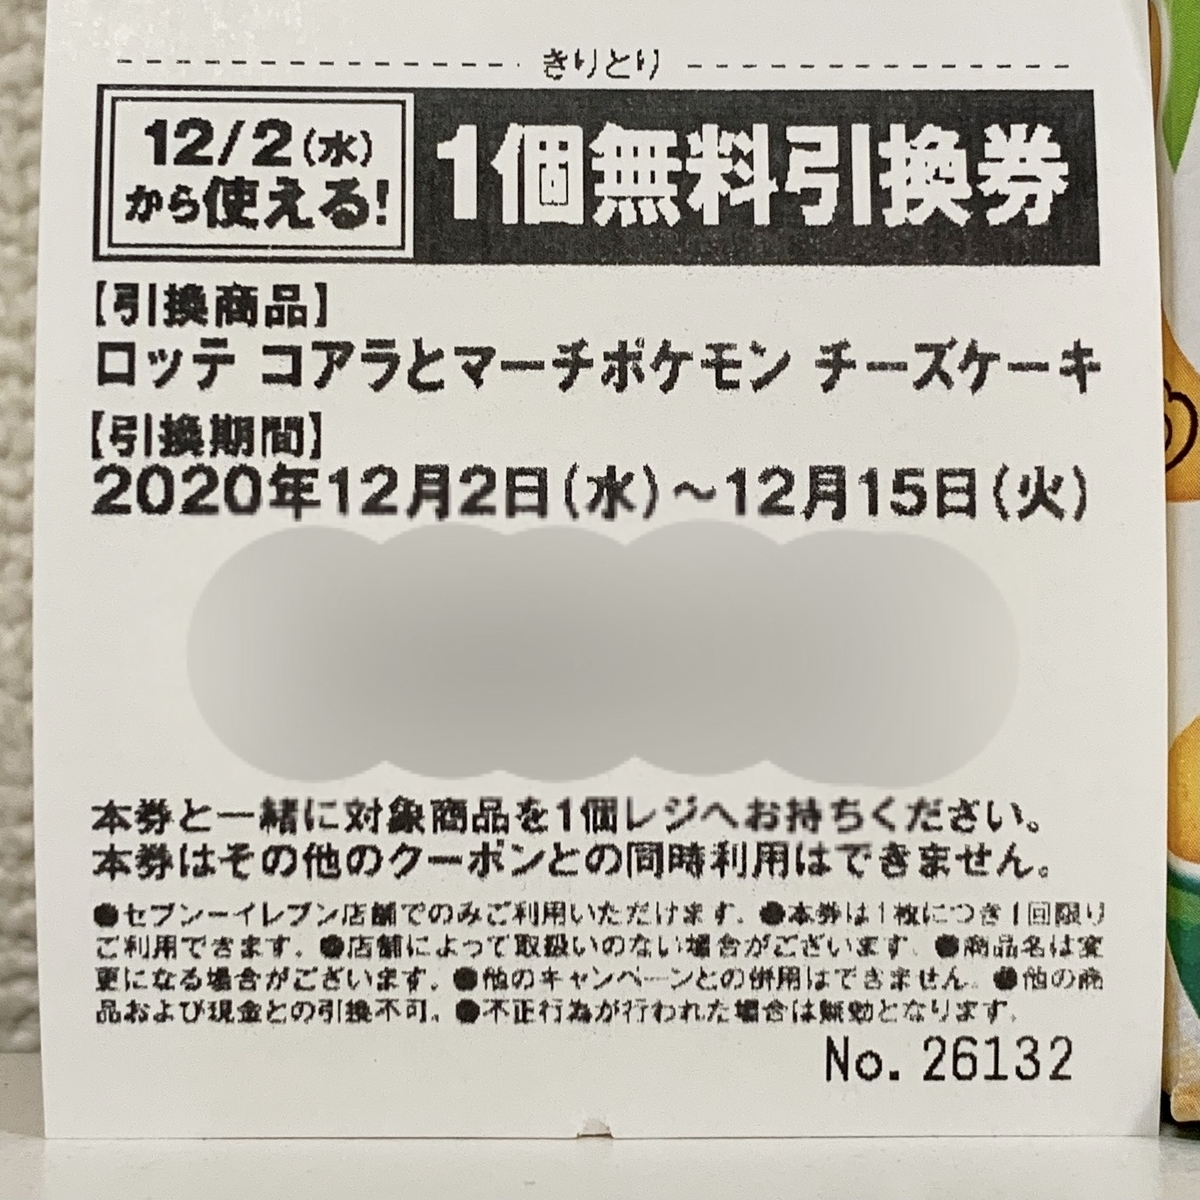 f:id:pikachu_pcn:20201125194939j:plain